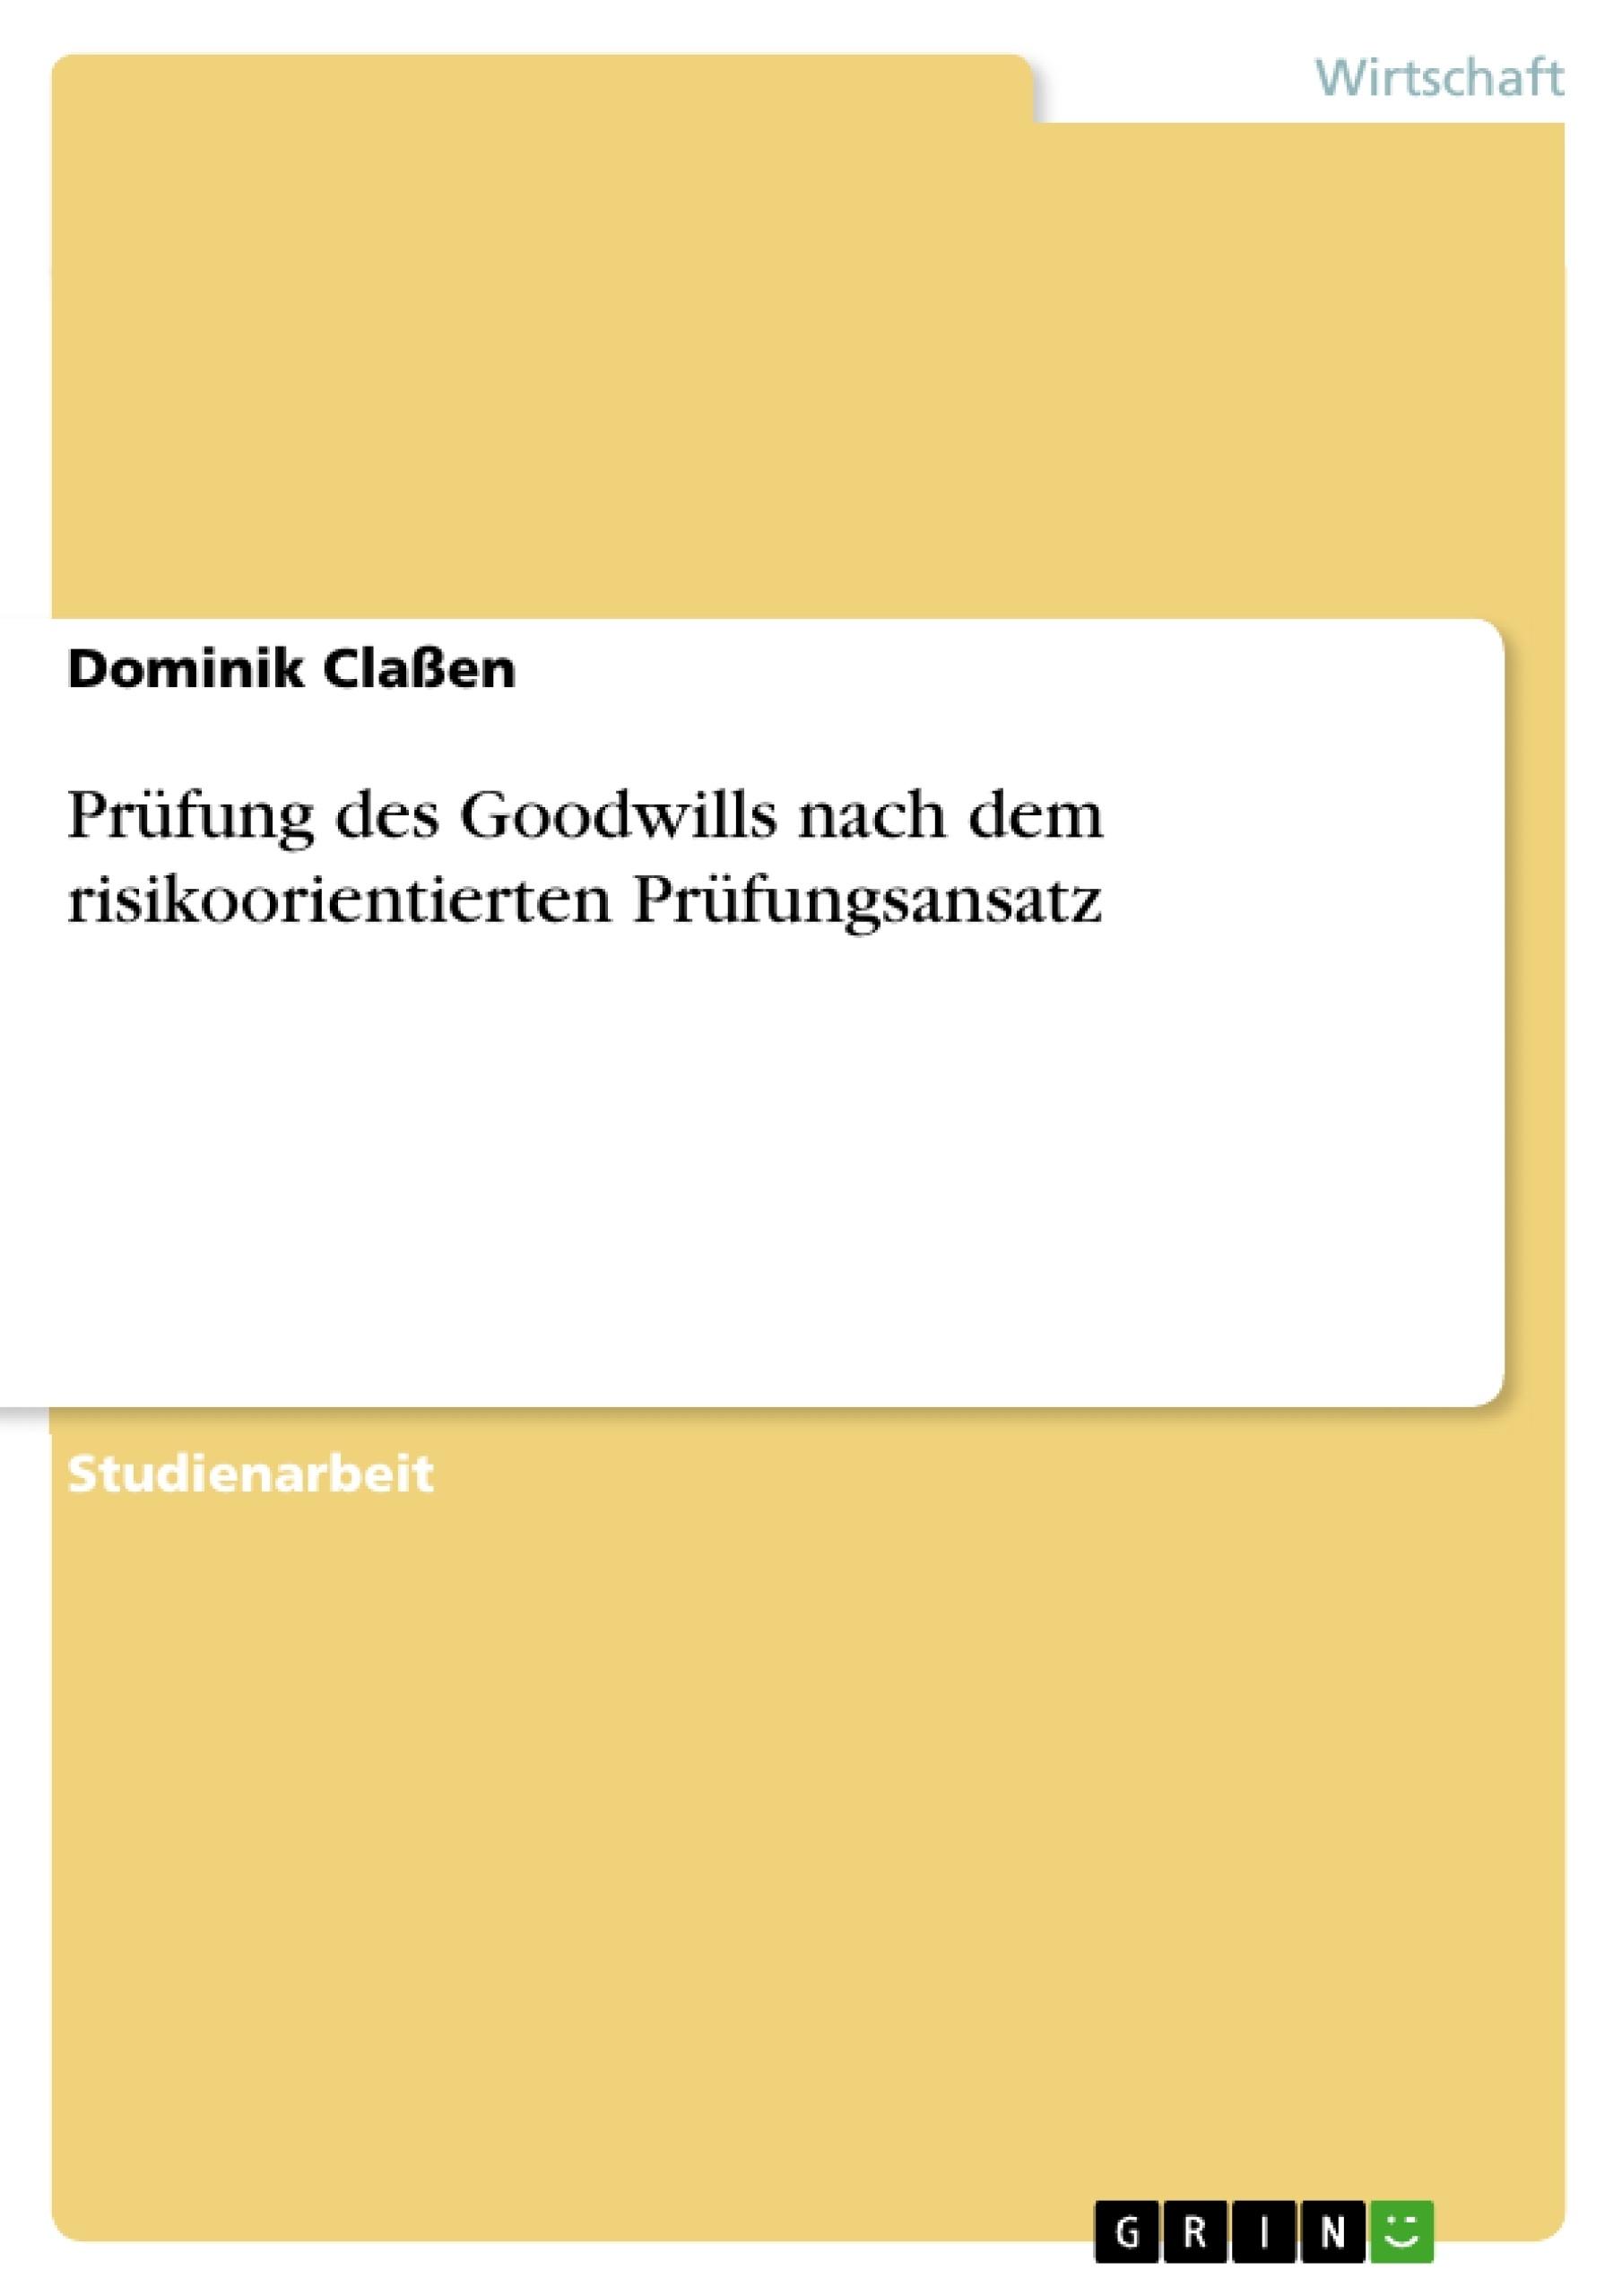 Titel: Prüfung des Goodwills nach dem risikoorientierten Prüfungsansatz